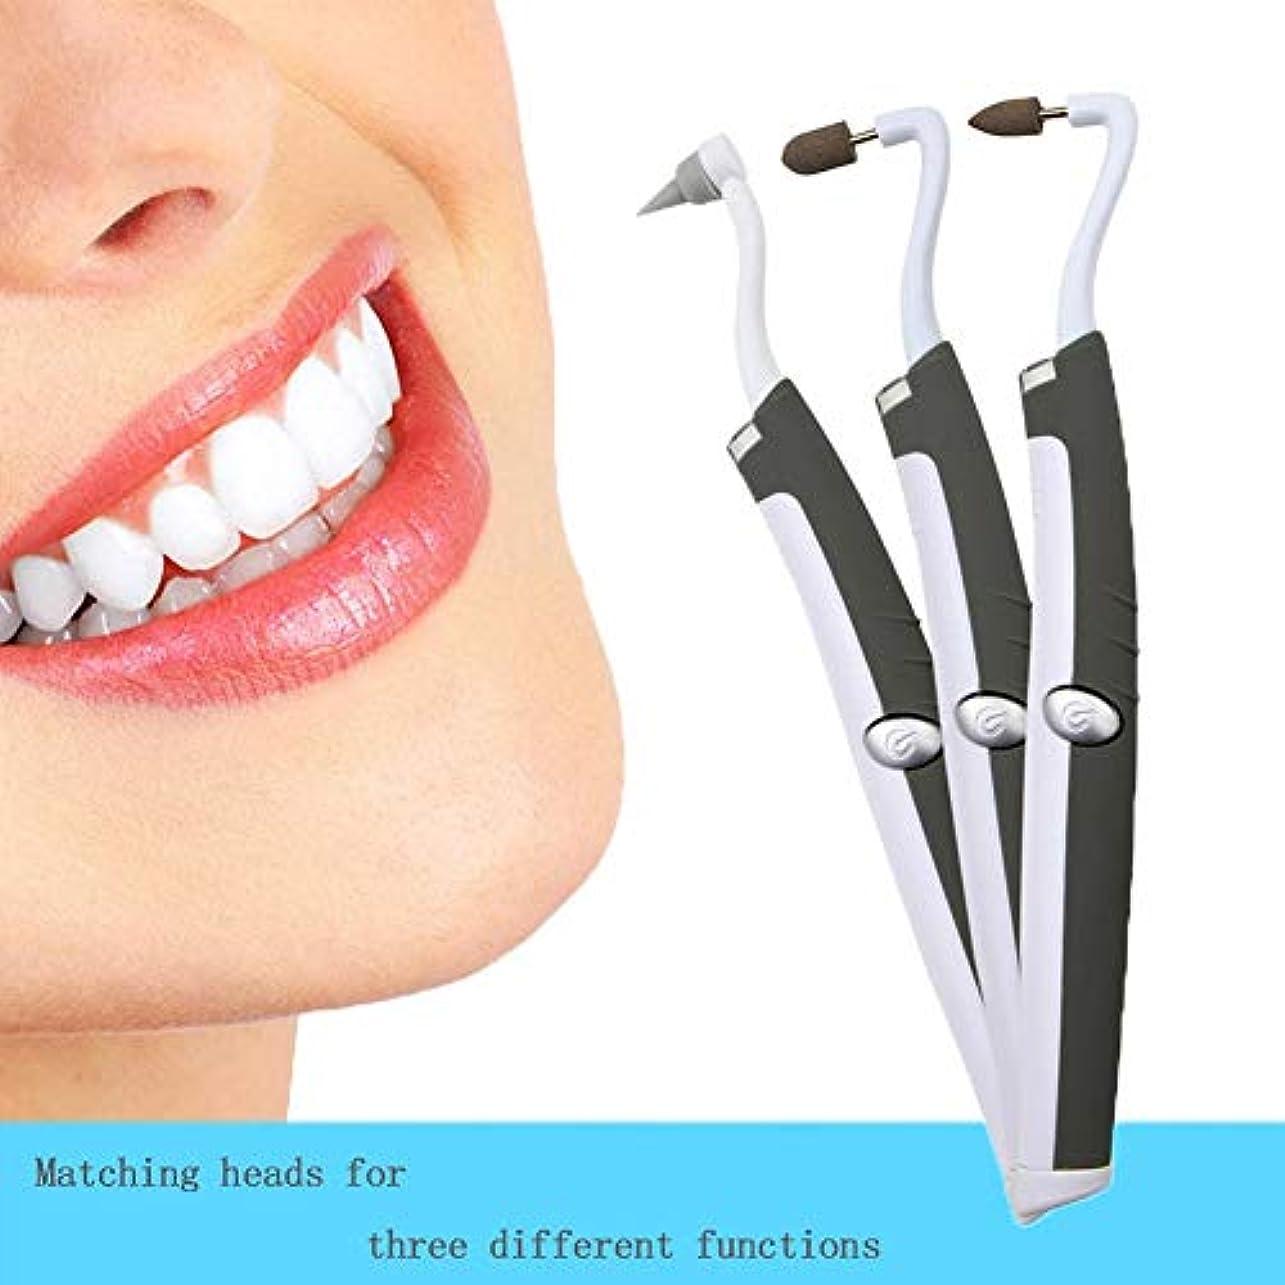 爆発物四回連邦歯石除去剤-変色を取り除き、歯を白くする歯石除去剤歯石が歯を除去しますポーランドのスリップが歯垢の汚れを防ぎます(3頭)